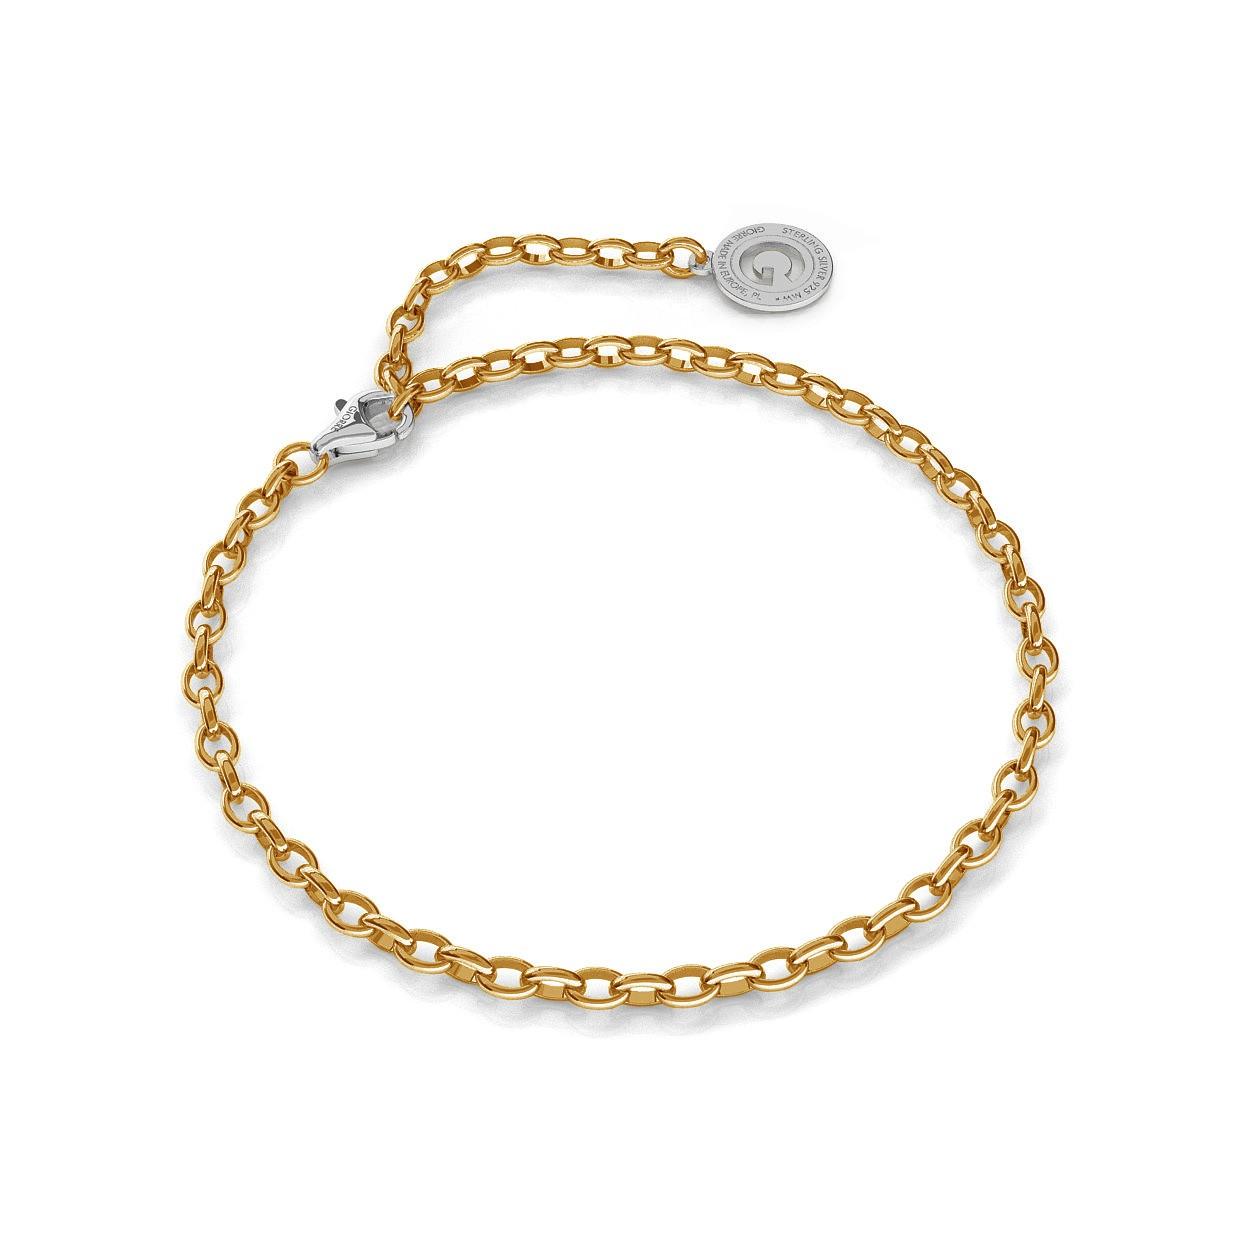 Pulsera de plata 16-24 cm oro amarillo, cierre de rodio claro, enlace 4x3mm